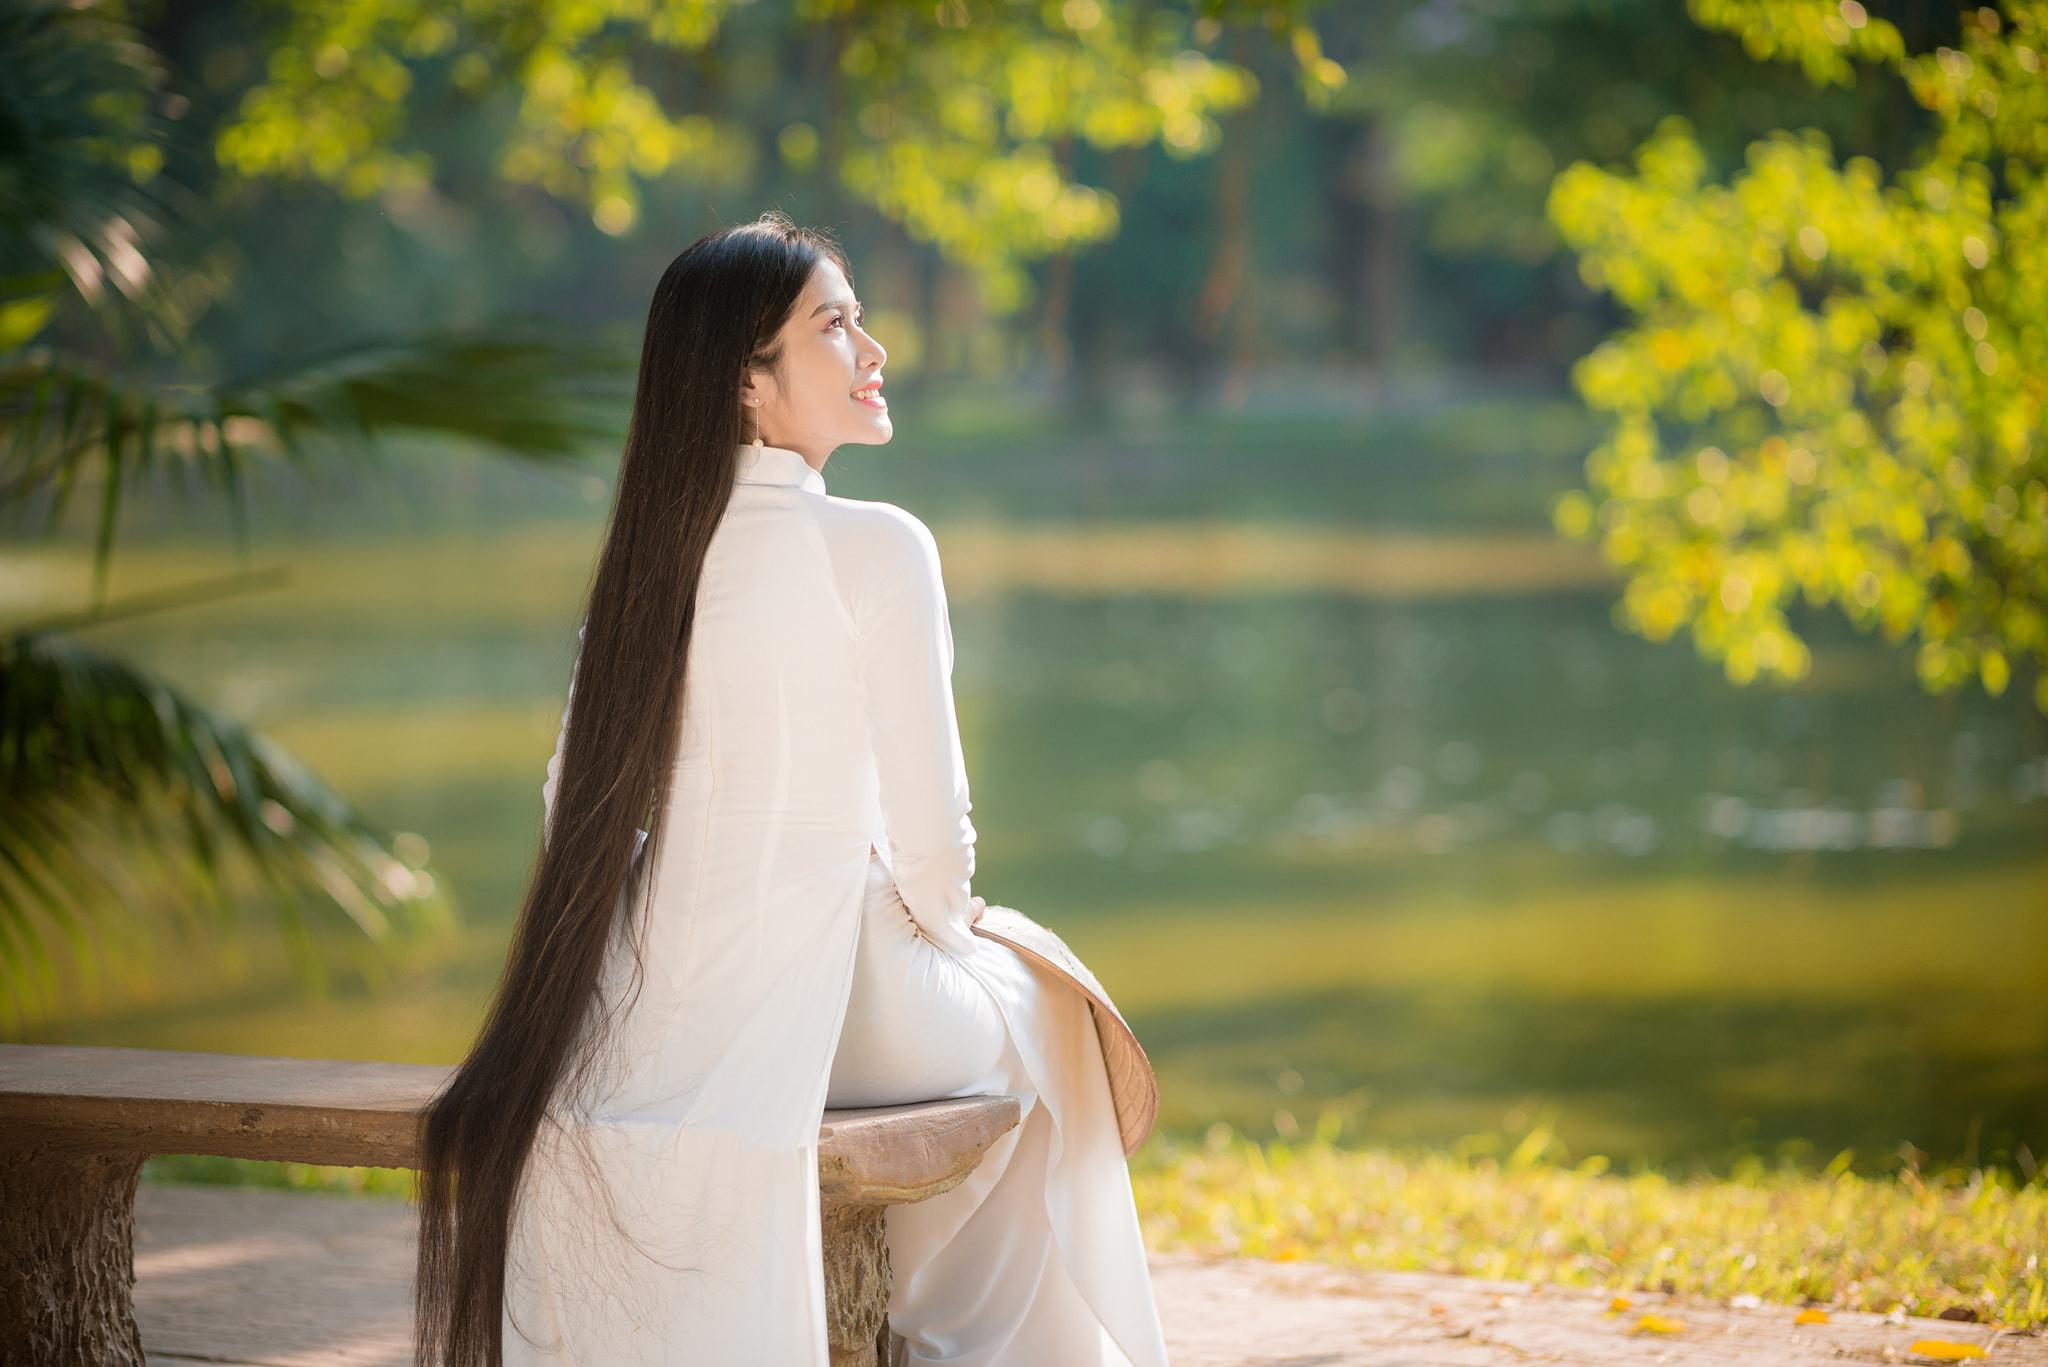 """""""Công chúa tóc mây"""" phiên bản Việt và thành tích viết lách khiến nhiều người ngưỡng mộ - ảnh 1"""